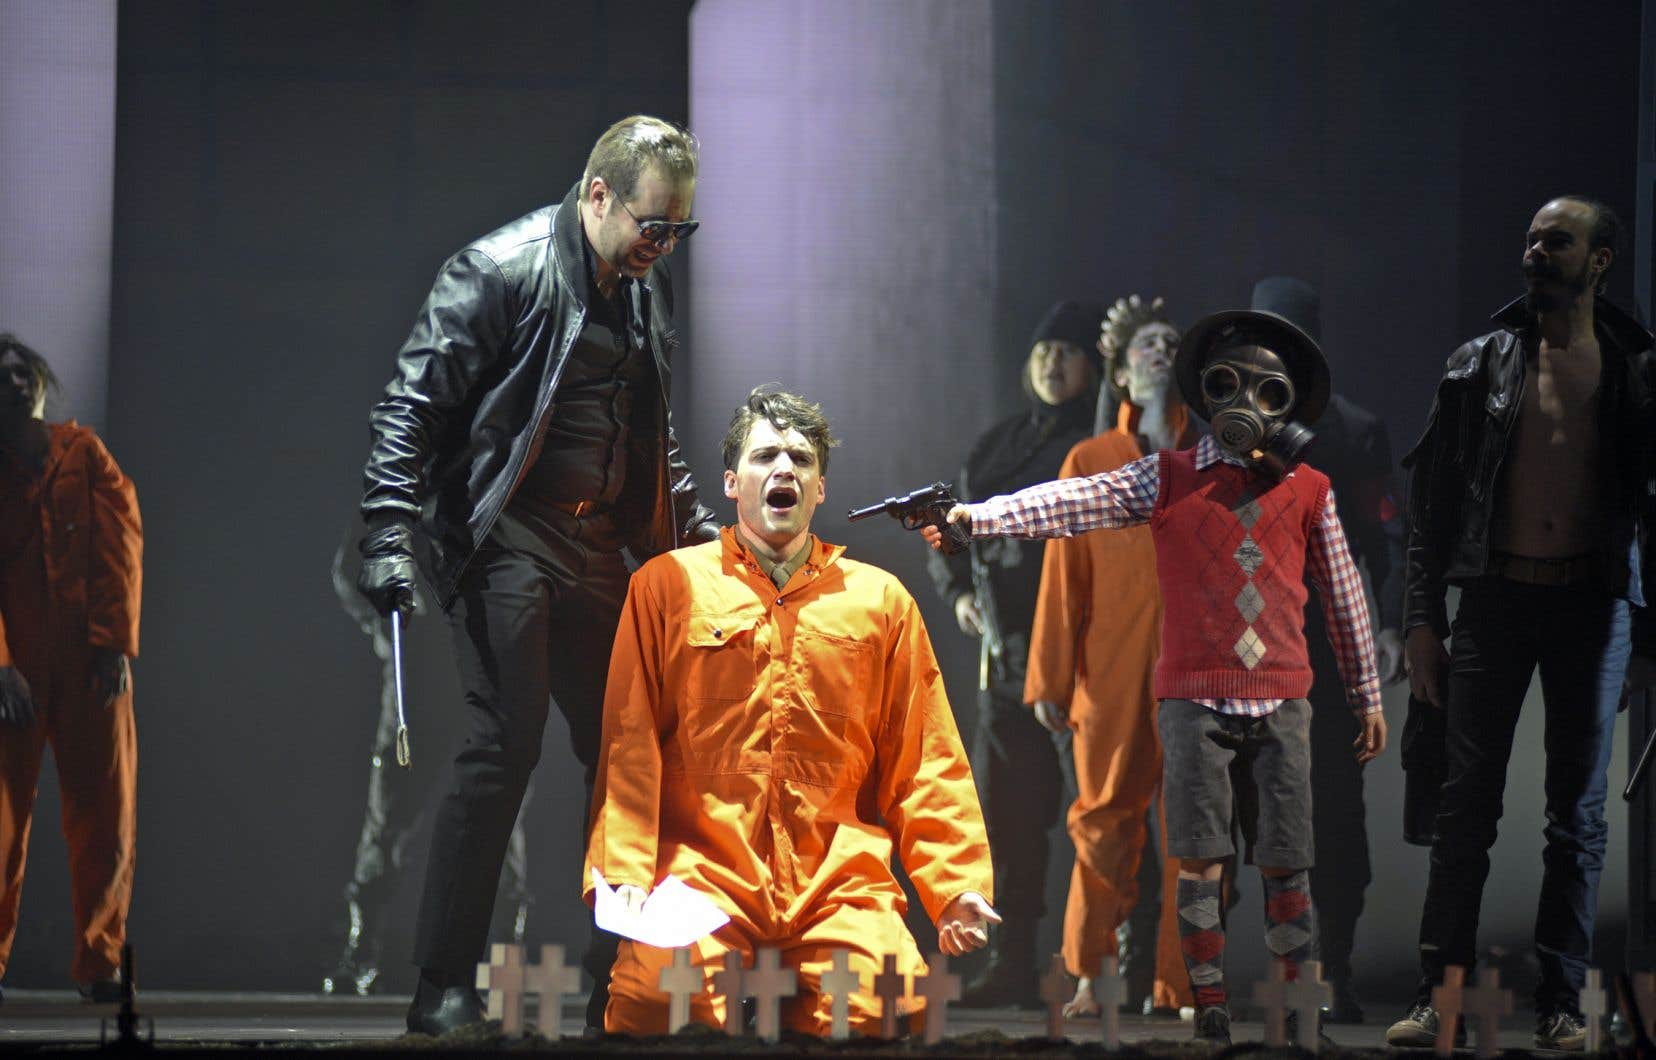 «Another Brick in the Wall – l'opéra», une création de l'Opéra de Montréal composée par Julien Bilodeau, a été désigné événement musical de l'année.